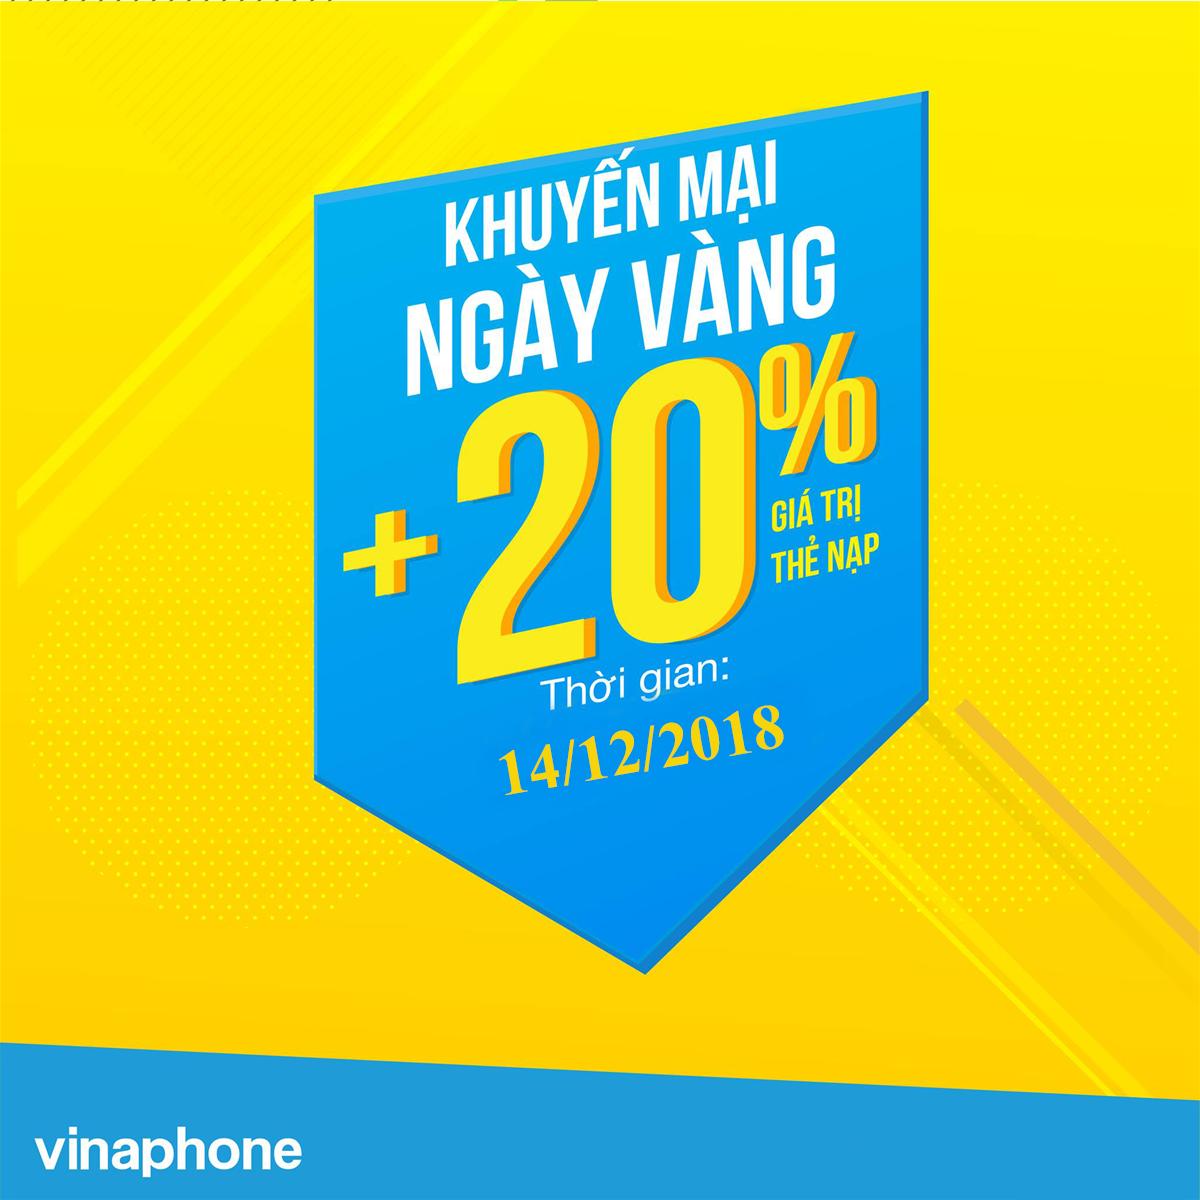 Nội dung chương trình nạp thẻ Vinaphone ngày 14/12/2018